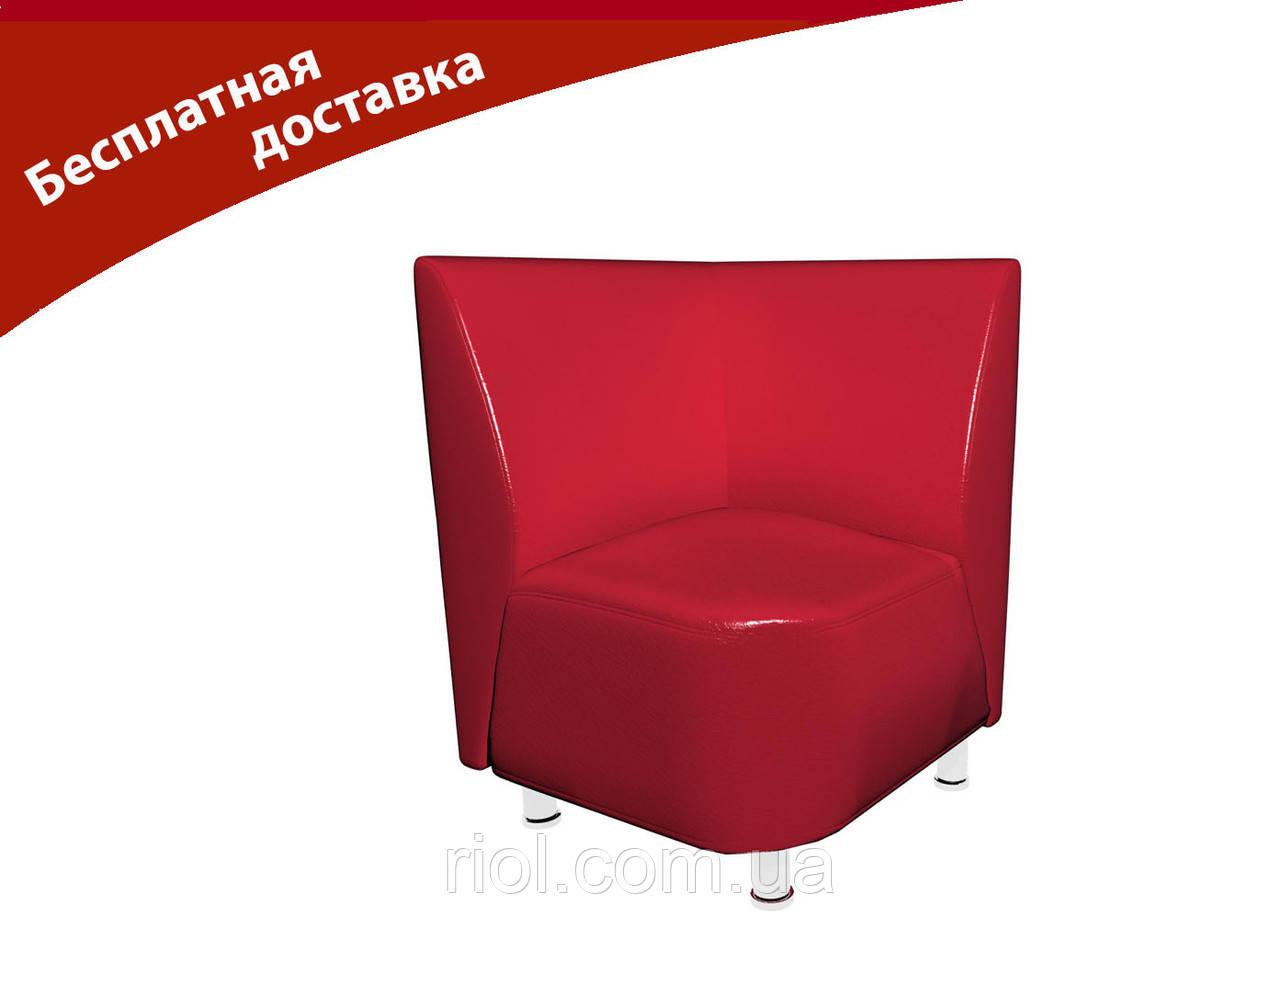 Кресло-угол красный